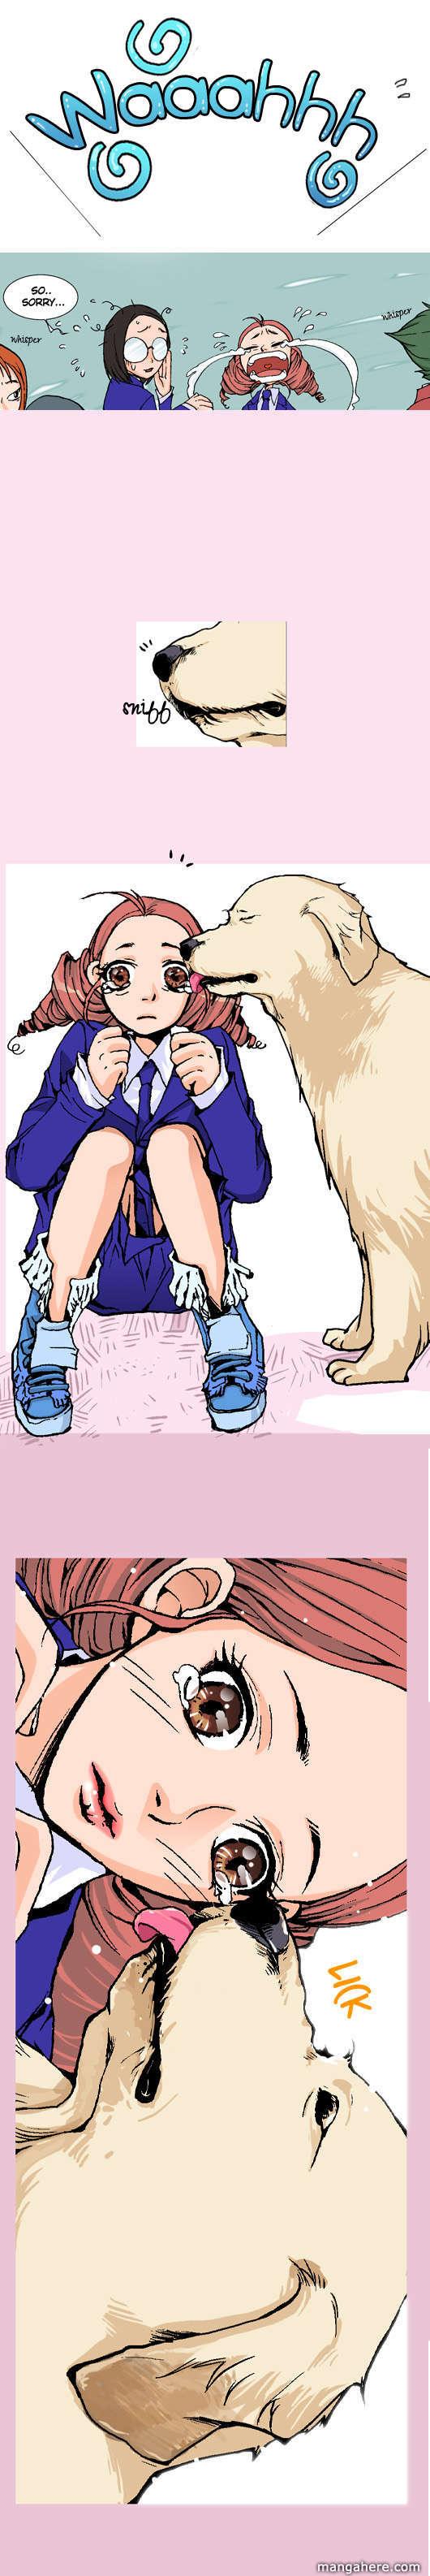 Pet Diary 4 Page 2